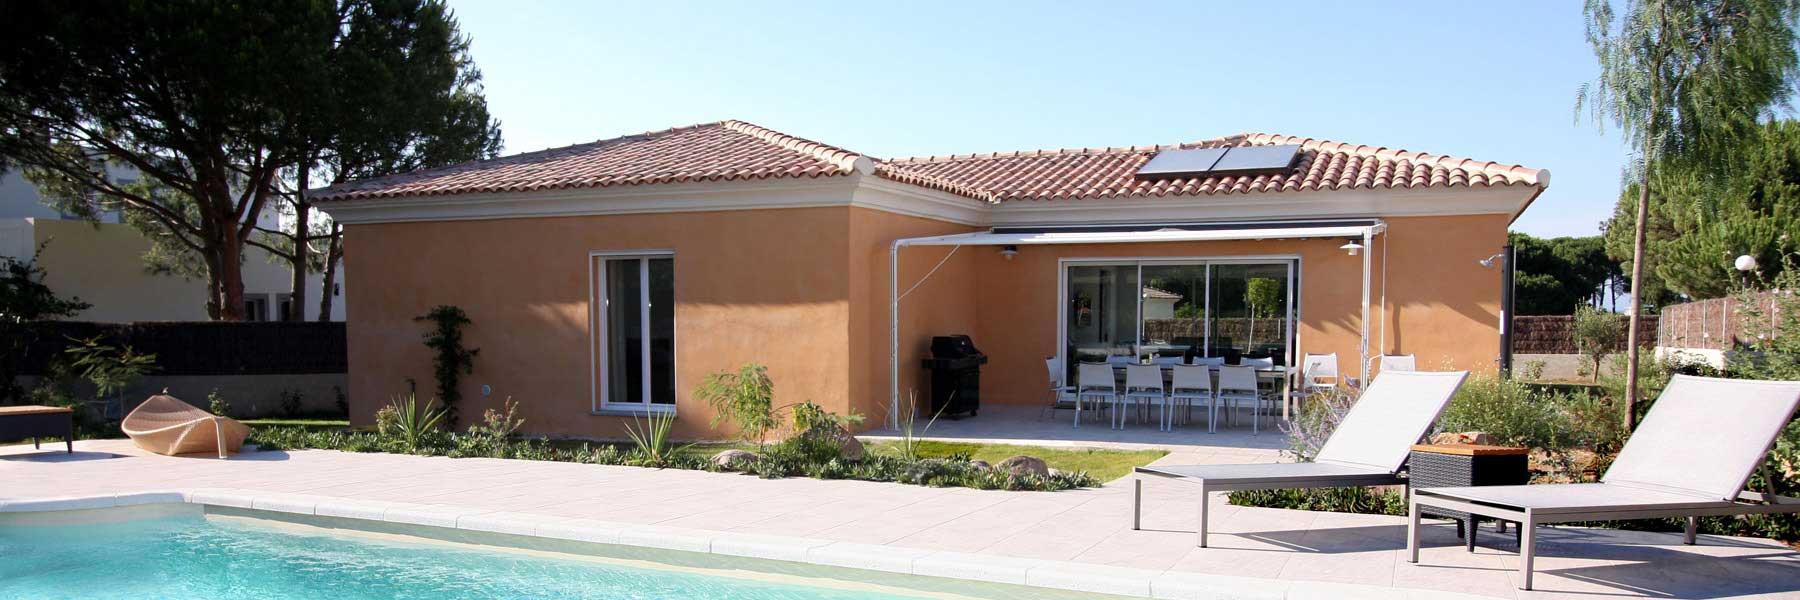 Maison en corse hautecorse pino piscine terrasse maison for Location maison sud corse